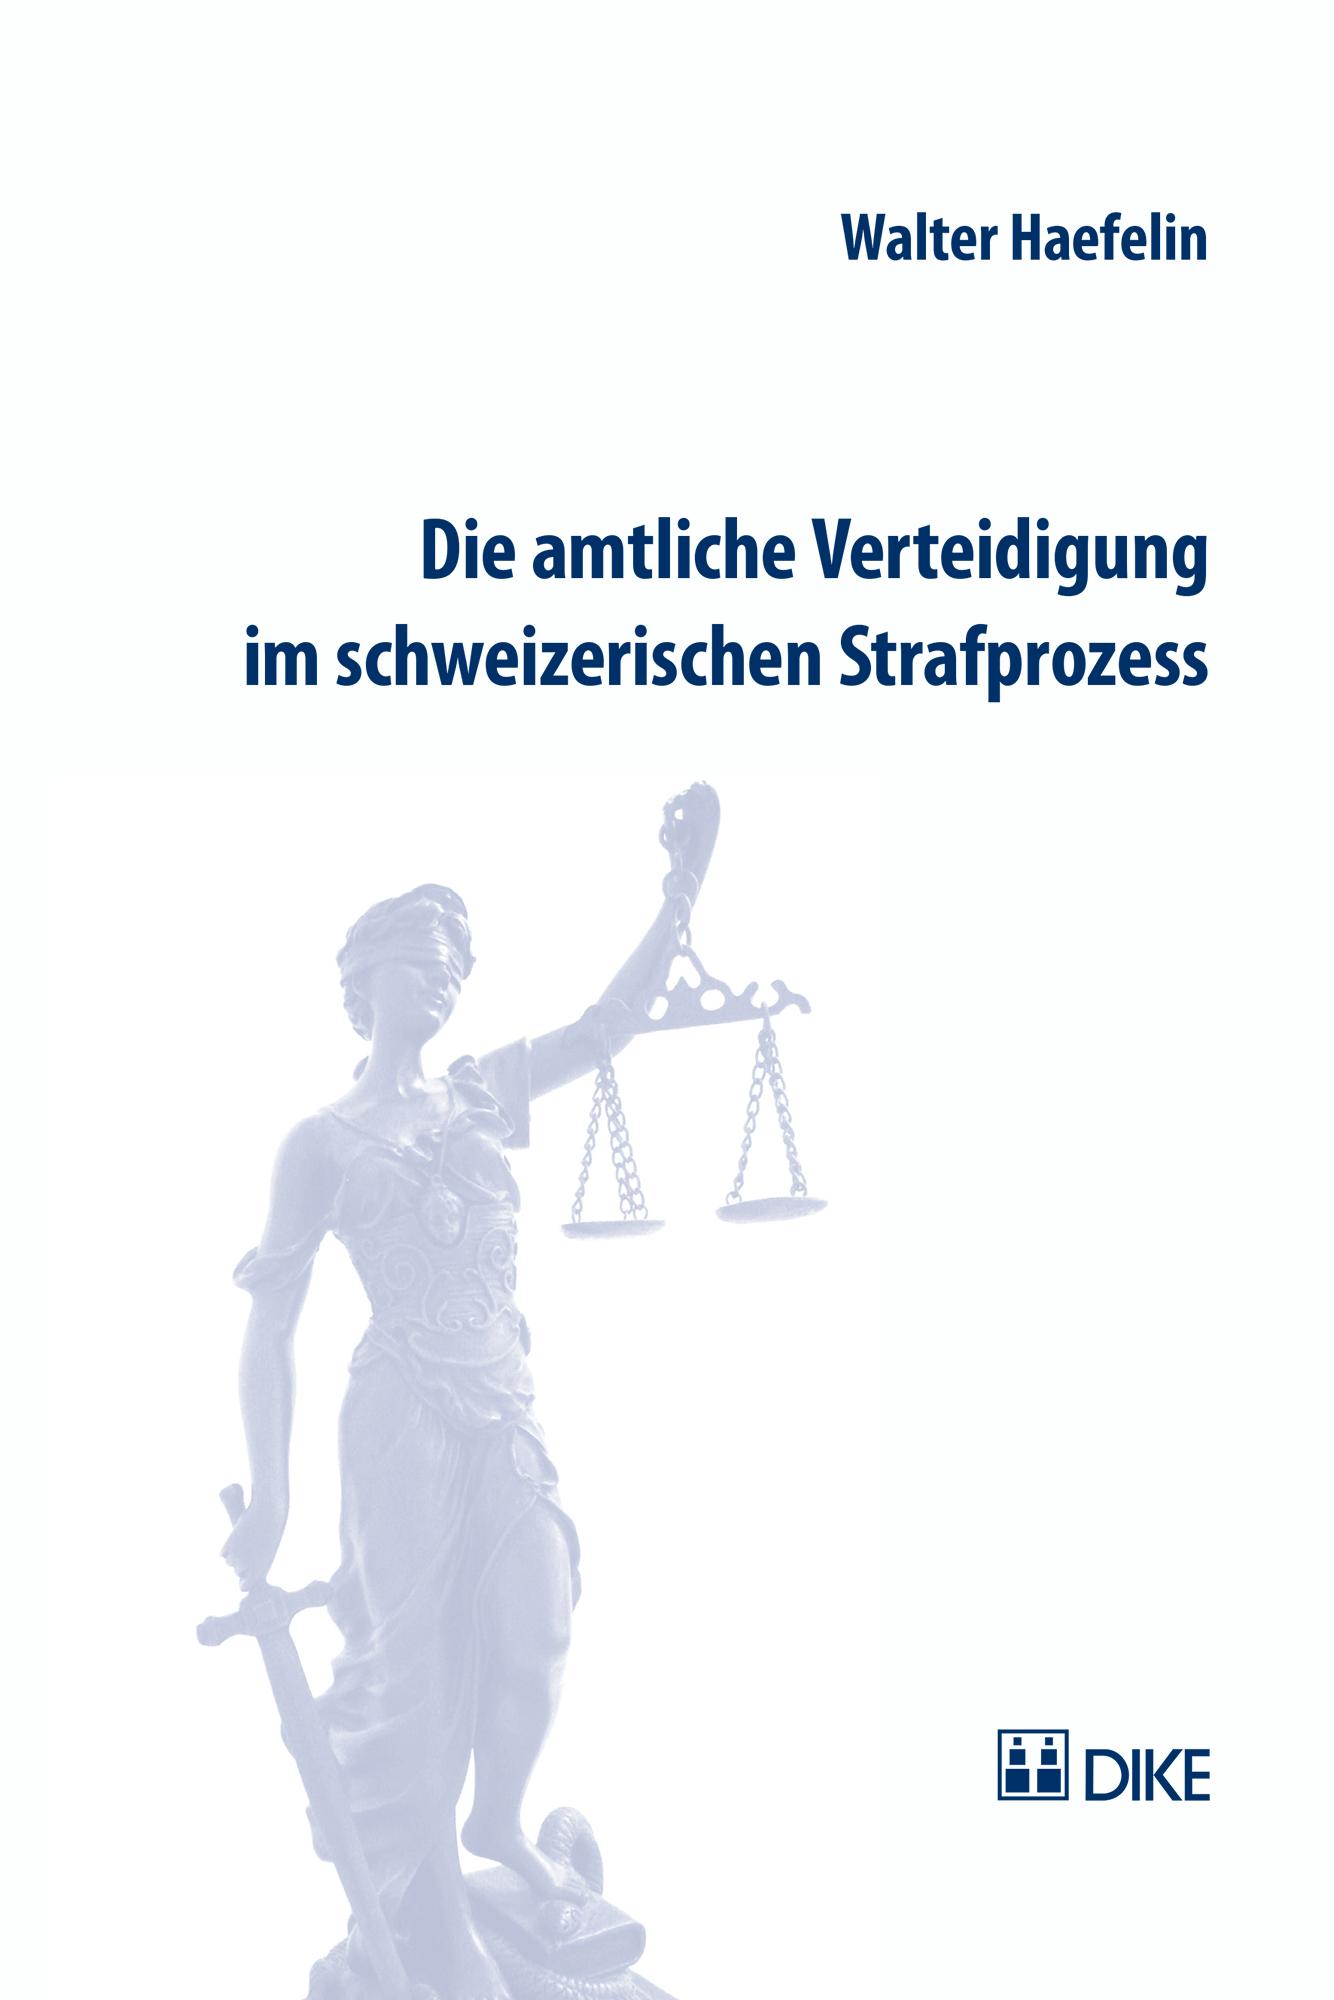 Die amtliche Verteidigung im schweizerischen Strafprozess